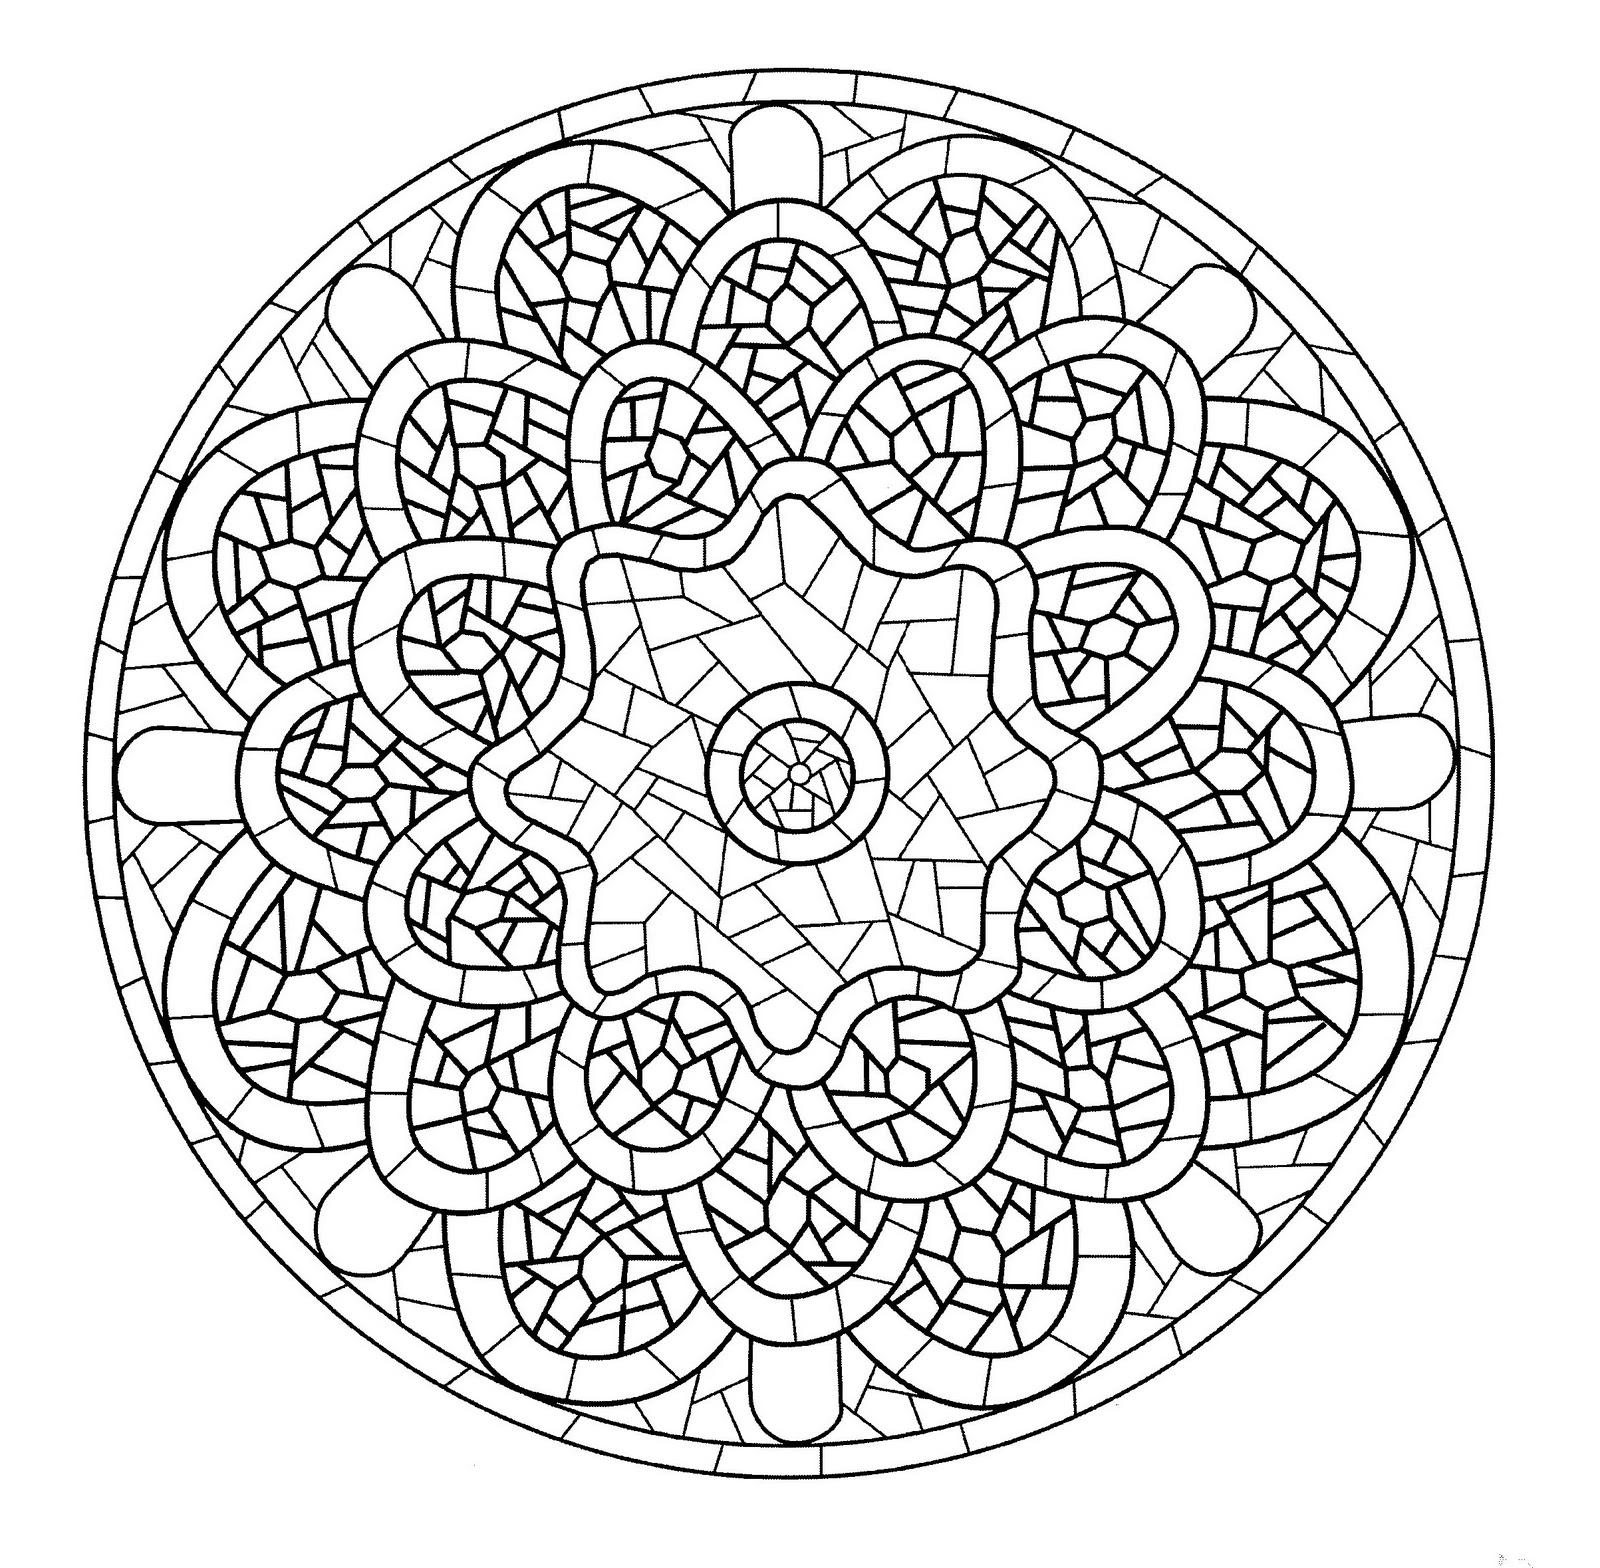 Mandala a colorier zen relax gratuit 19